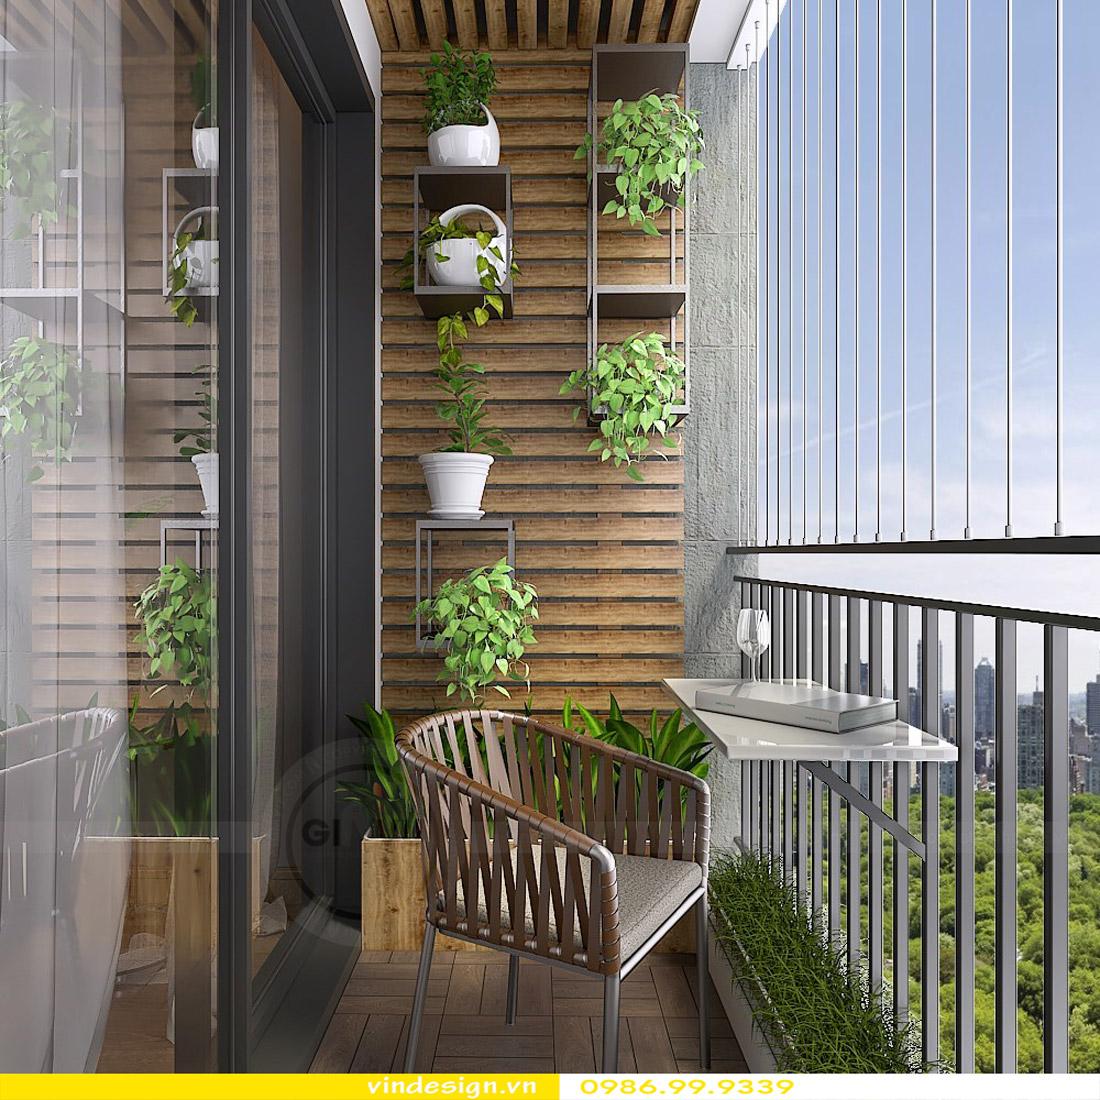 Thiết kế nội thất Vinhomes Green Bay - Call 0986999339 view 6